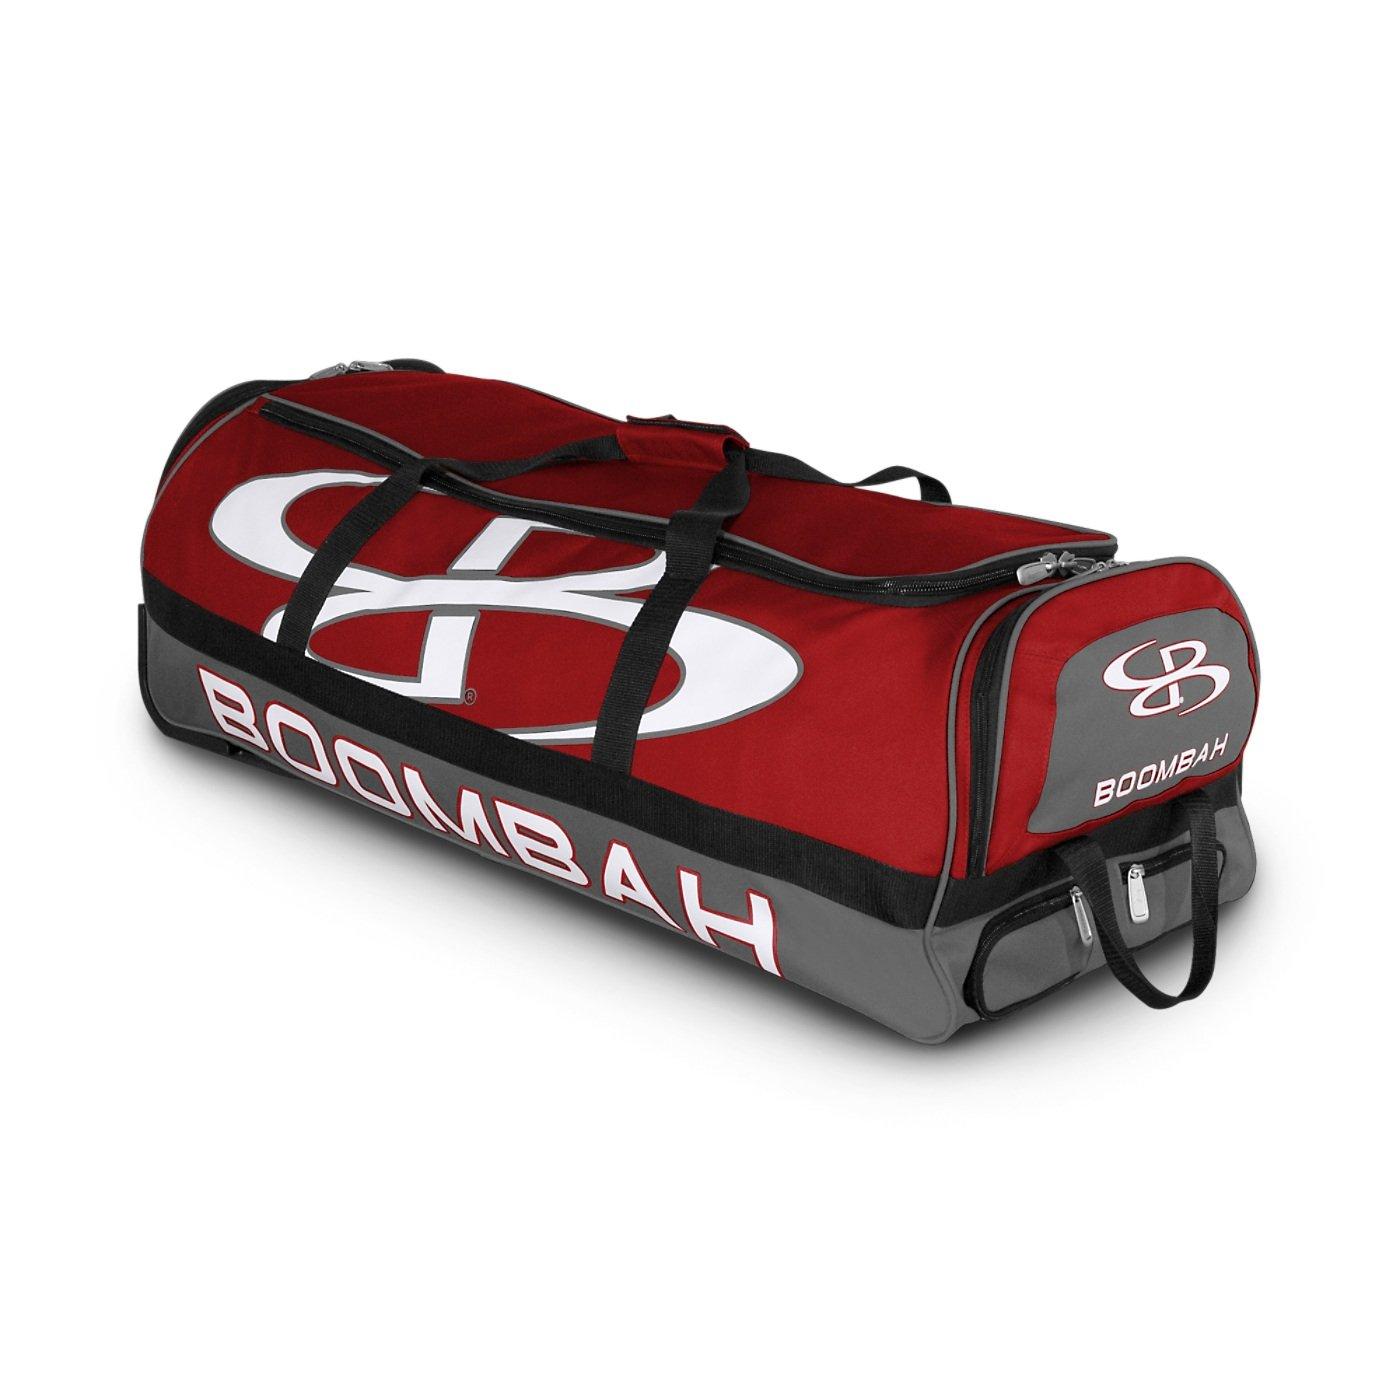 (ブームバー) Boombah Bruteシリーズ キャスター付きバットケース 野球ソフトボール用 35×15×12–1/2インチ 49色展開 4本のバットと用具を収納可能 B01N591BDP レッド/グレー レッド/グレー